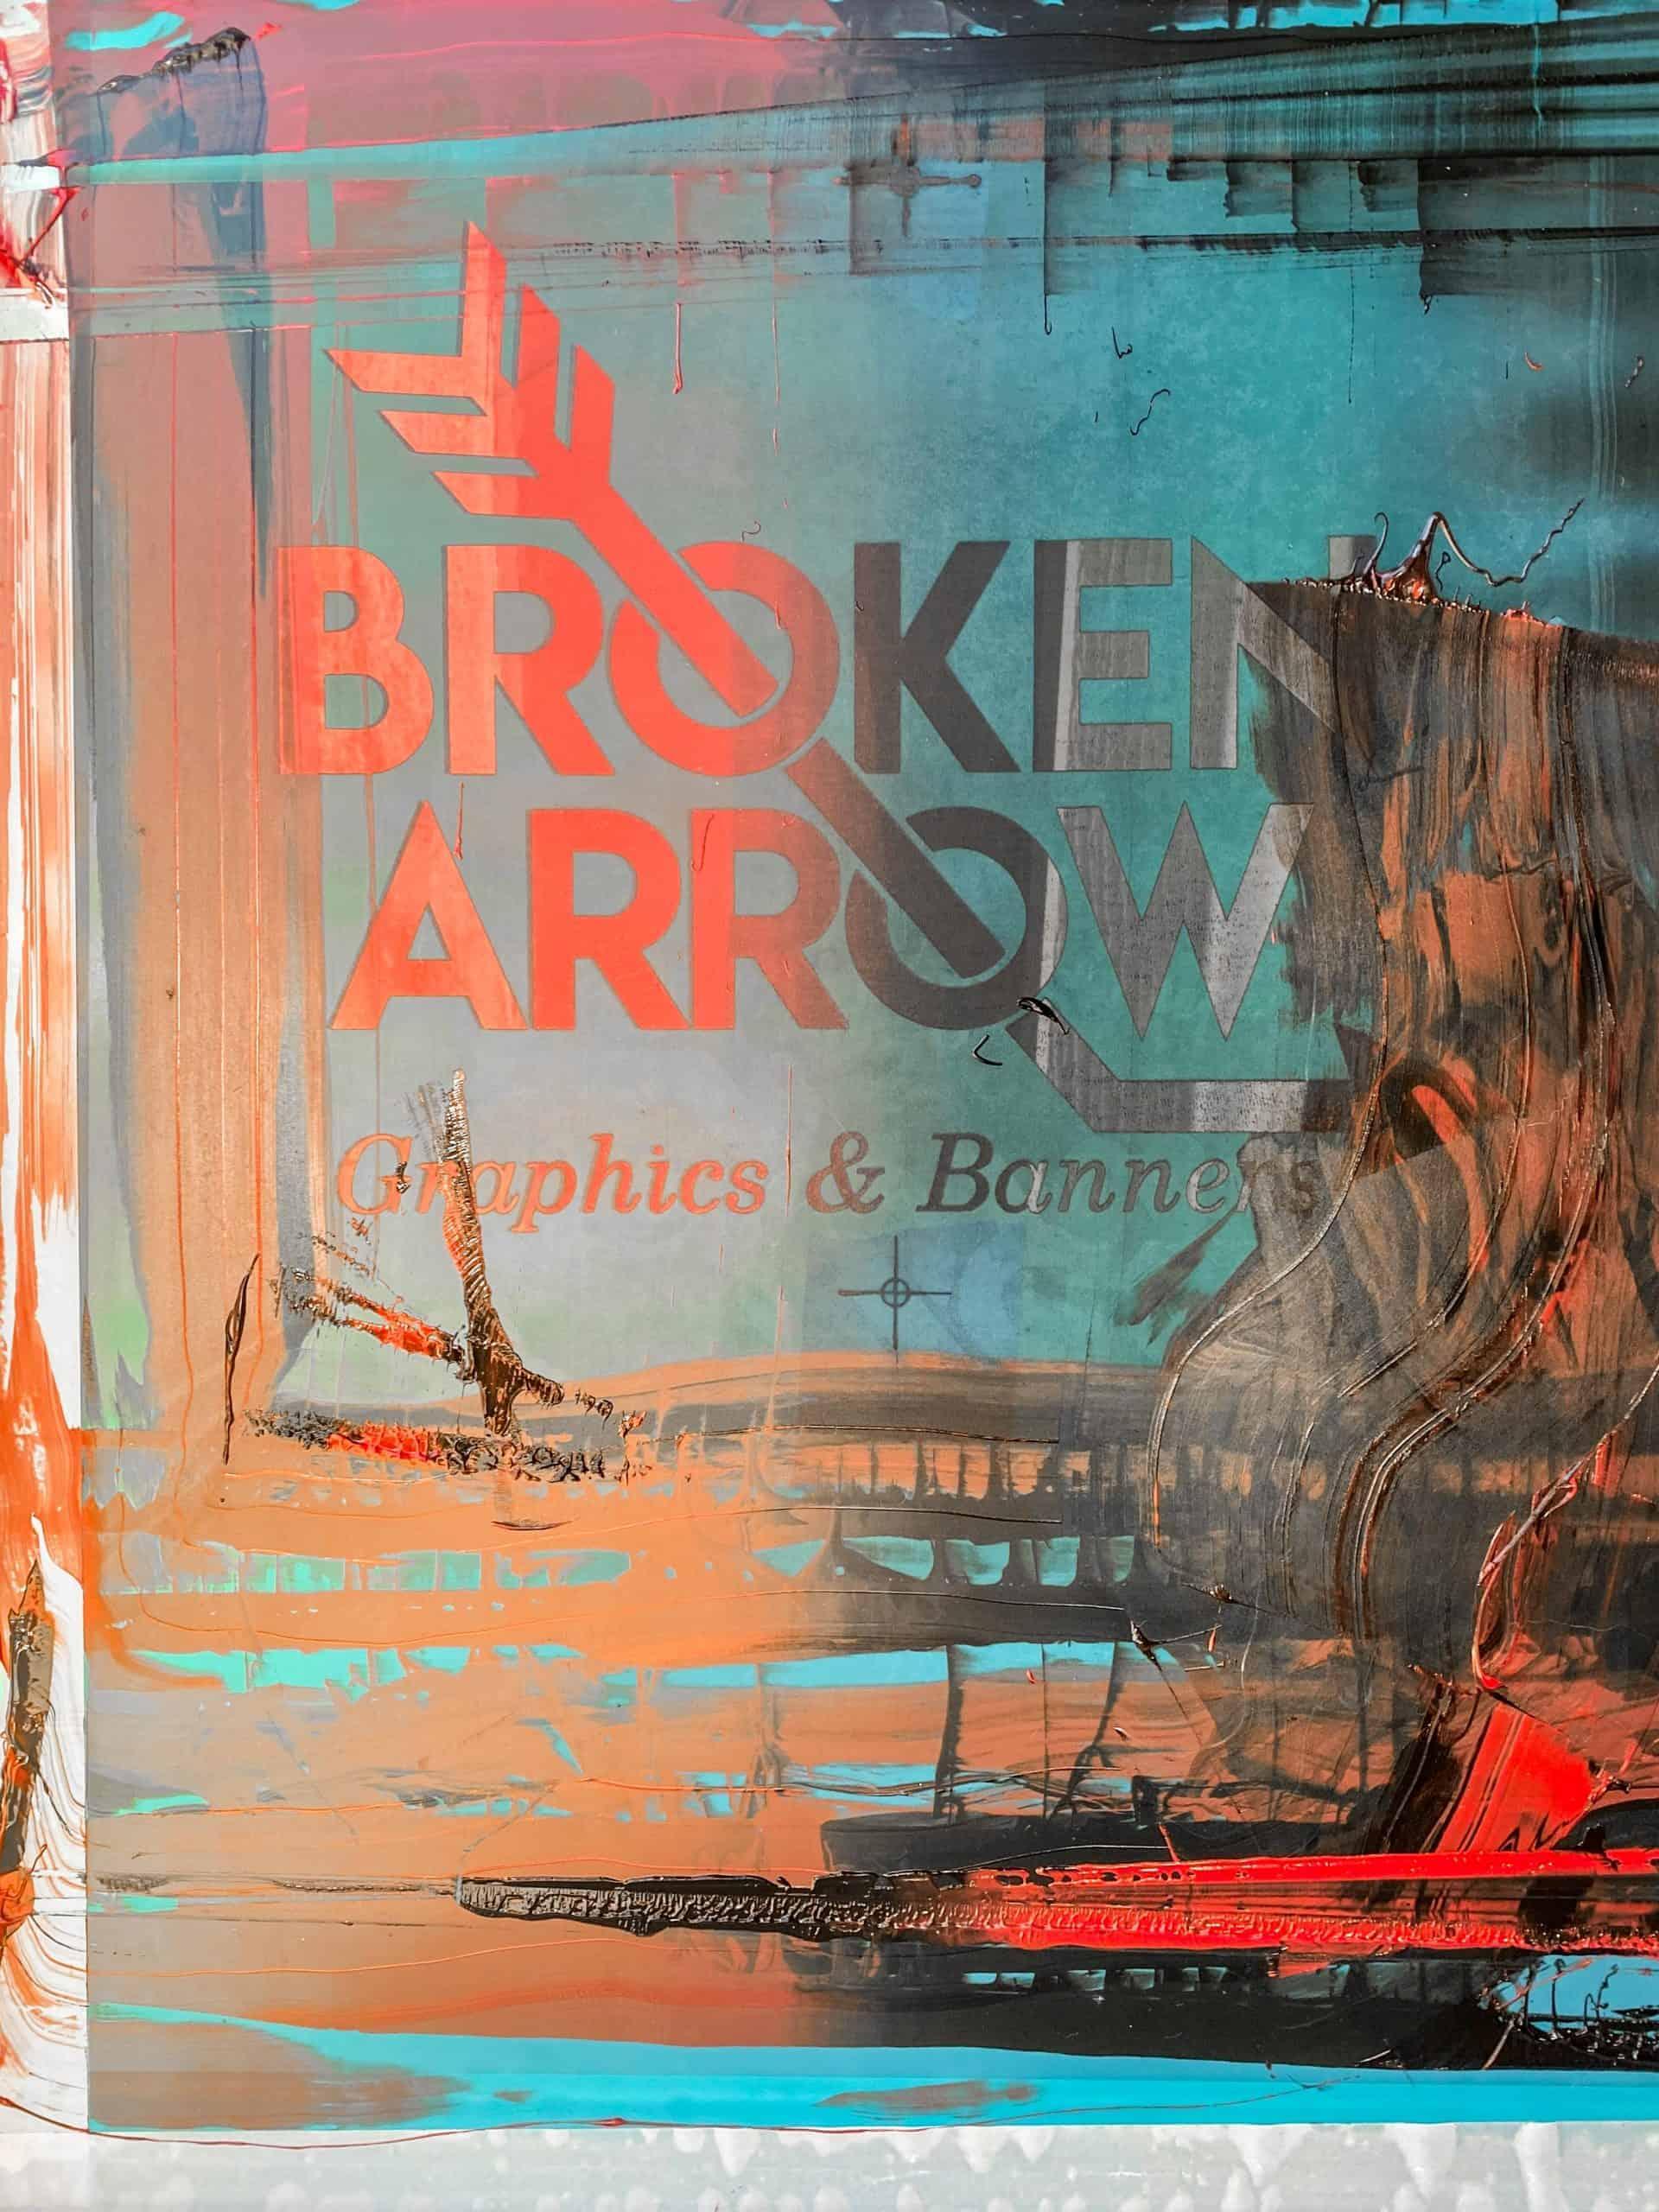 Screen Printing in Broken Arrow